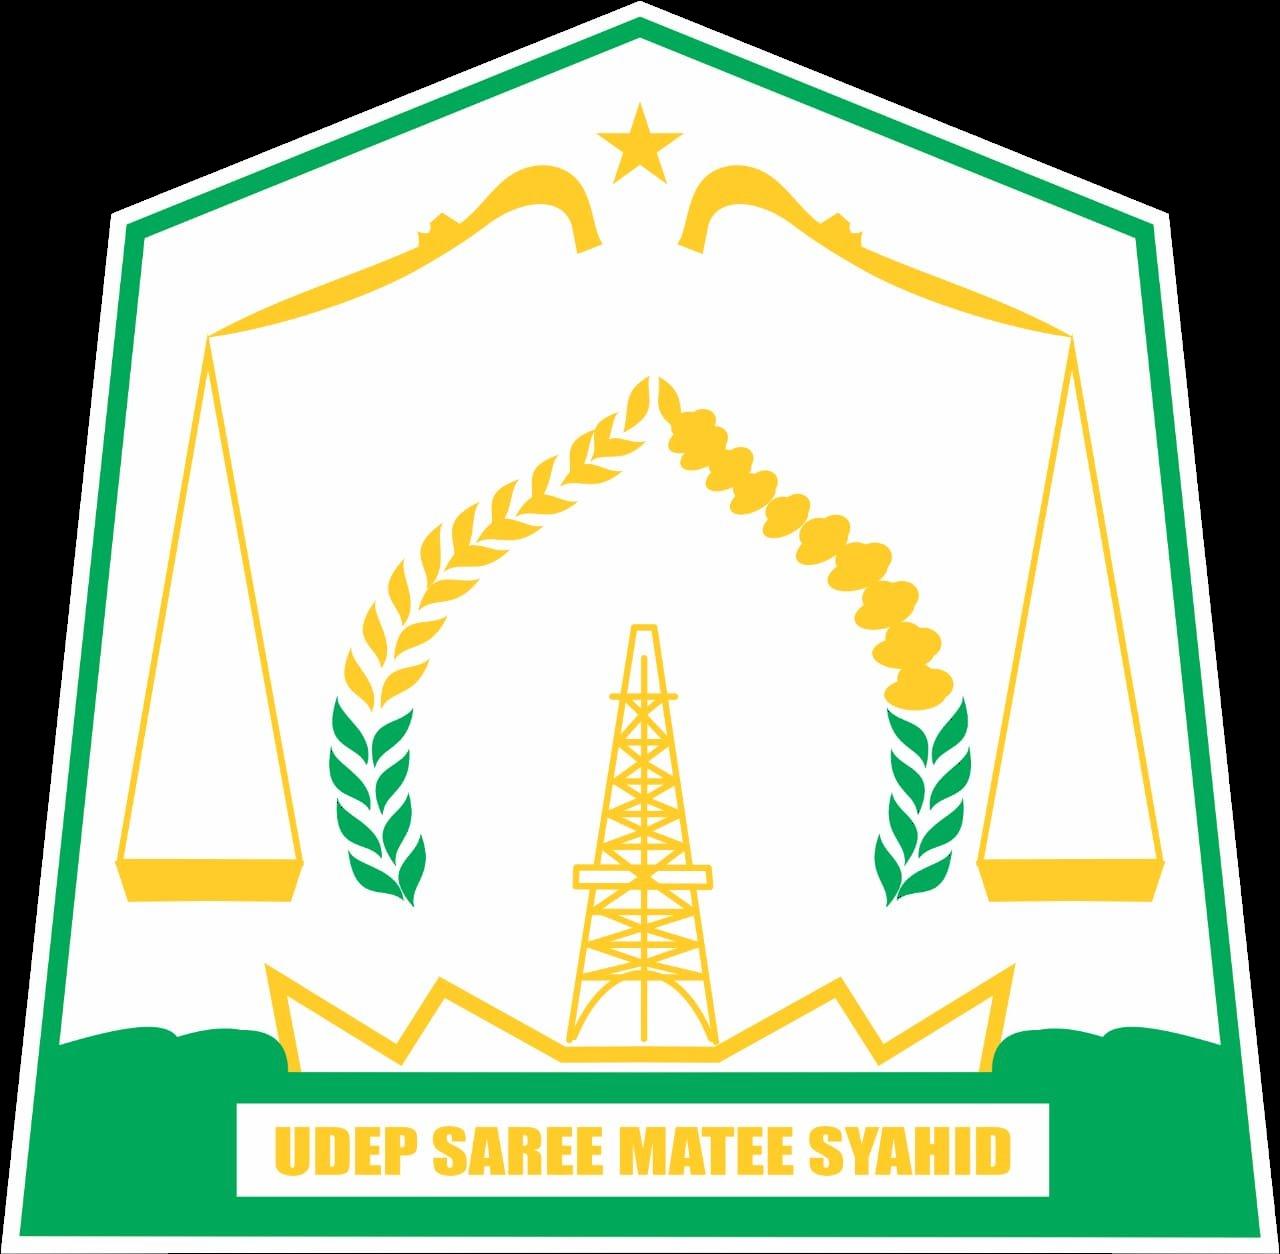 Pilkada/Pilbup Kab. Aceh Timur 2017